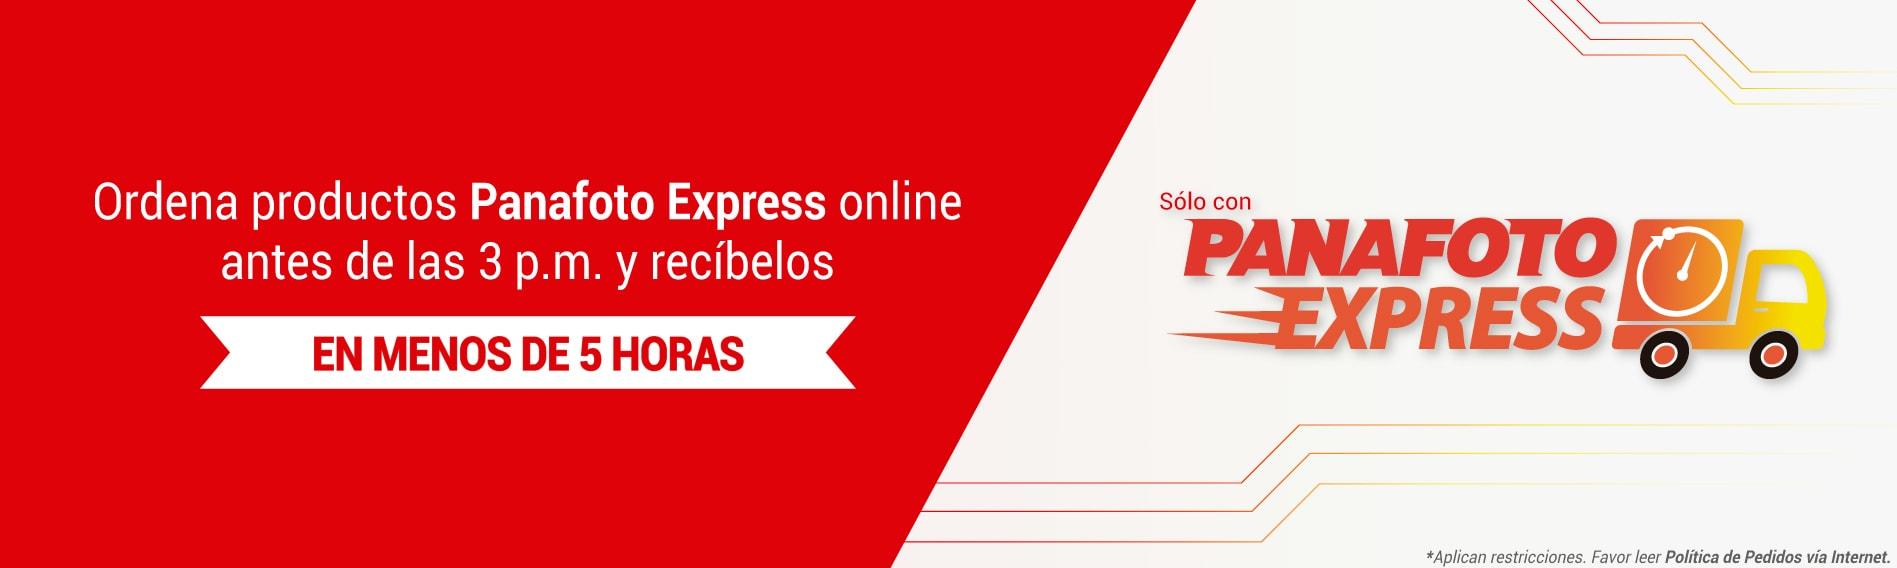 Panafoto Express